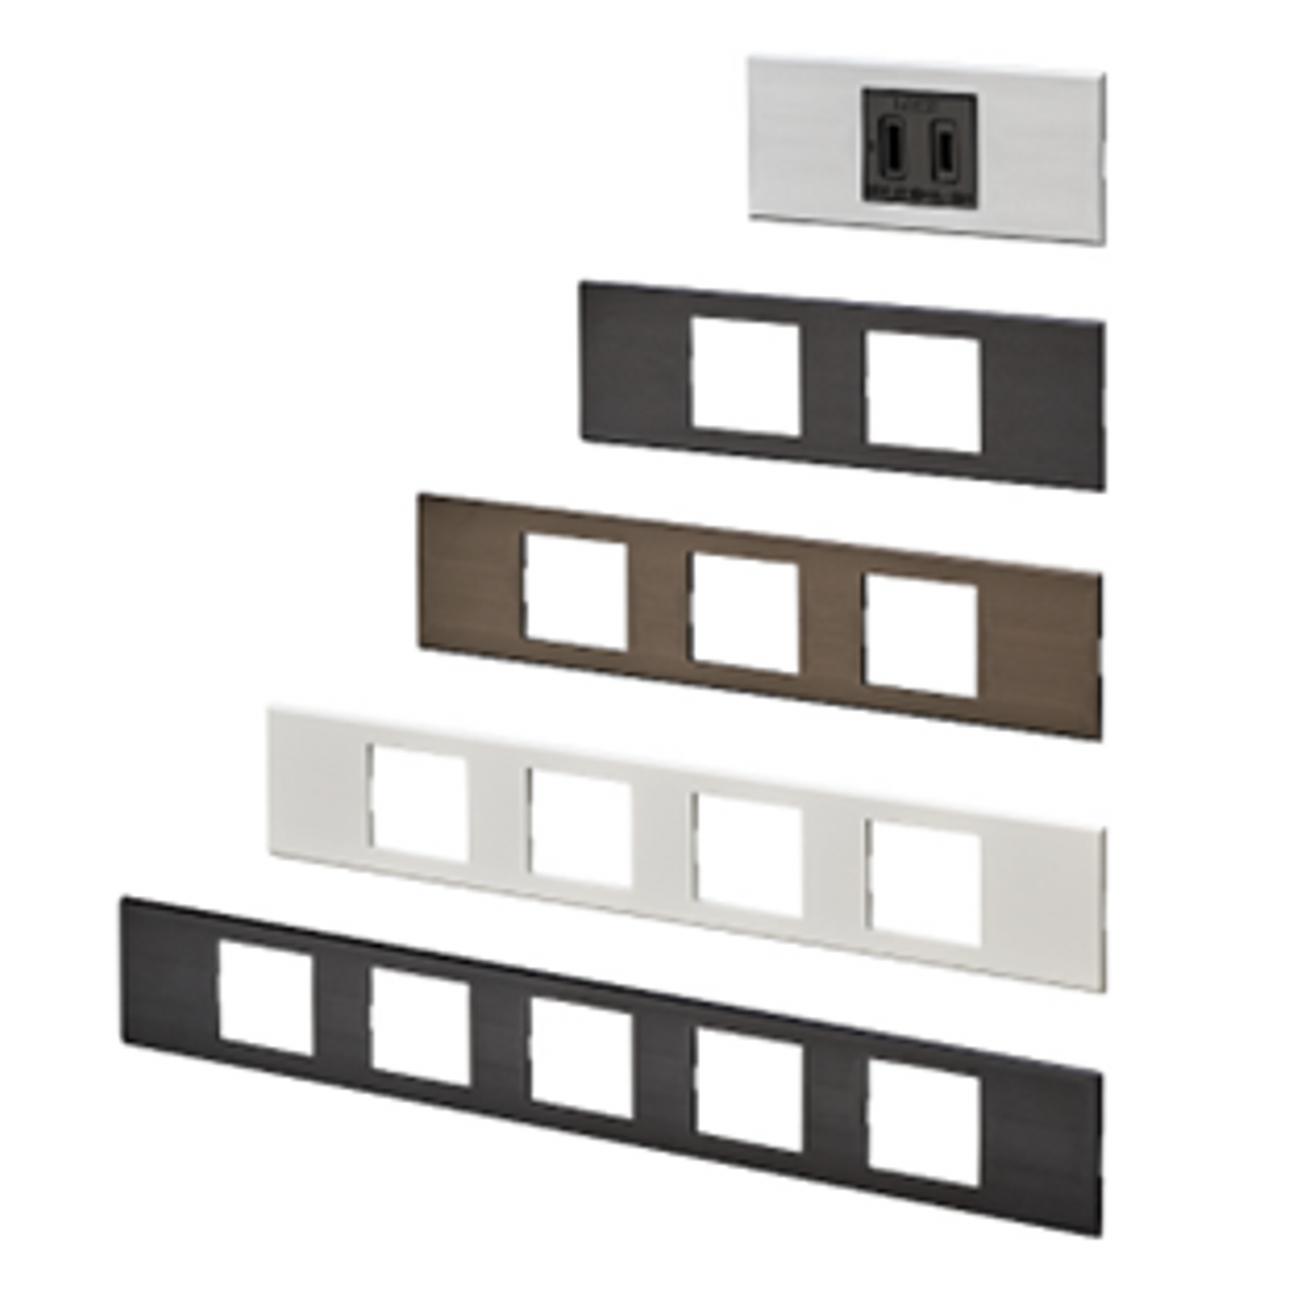 【スガツネ工業】業界初!家具用コンセントに4口・5口が追加に!の画像